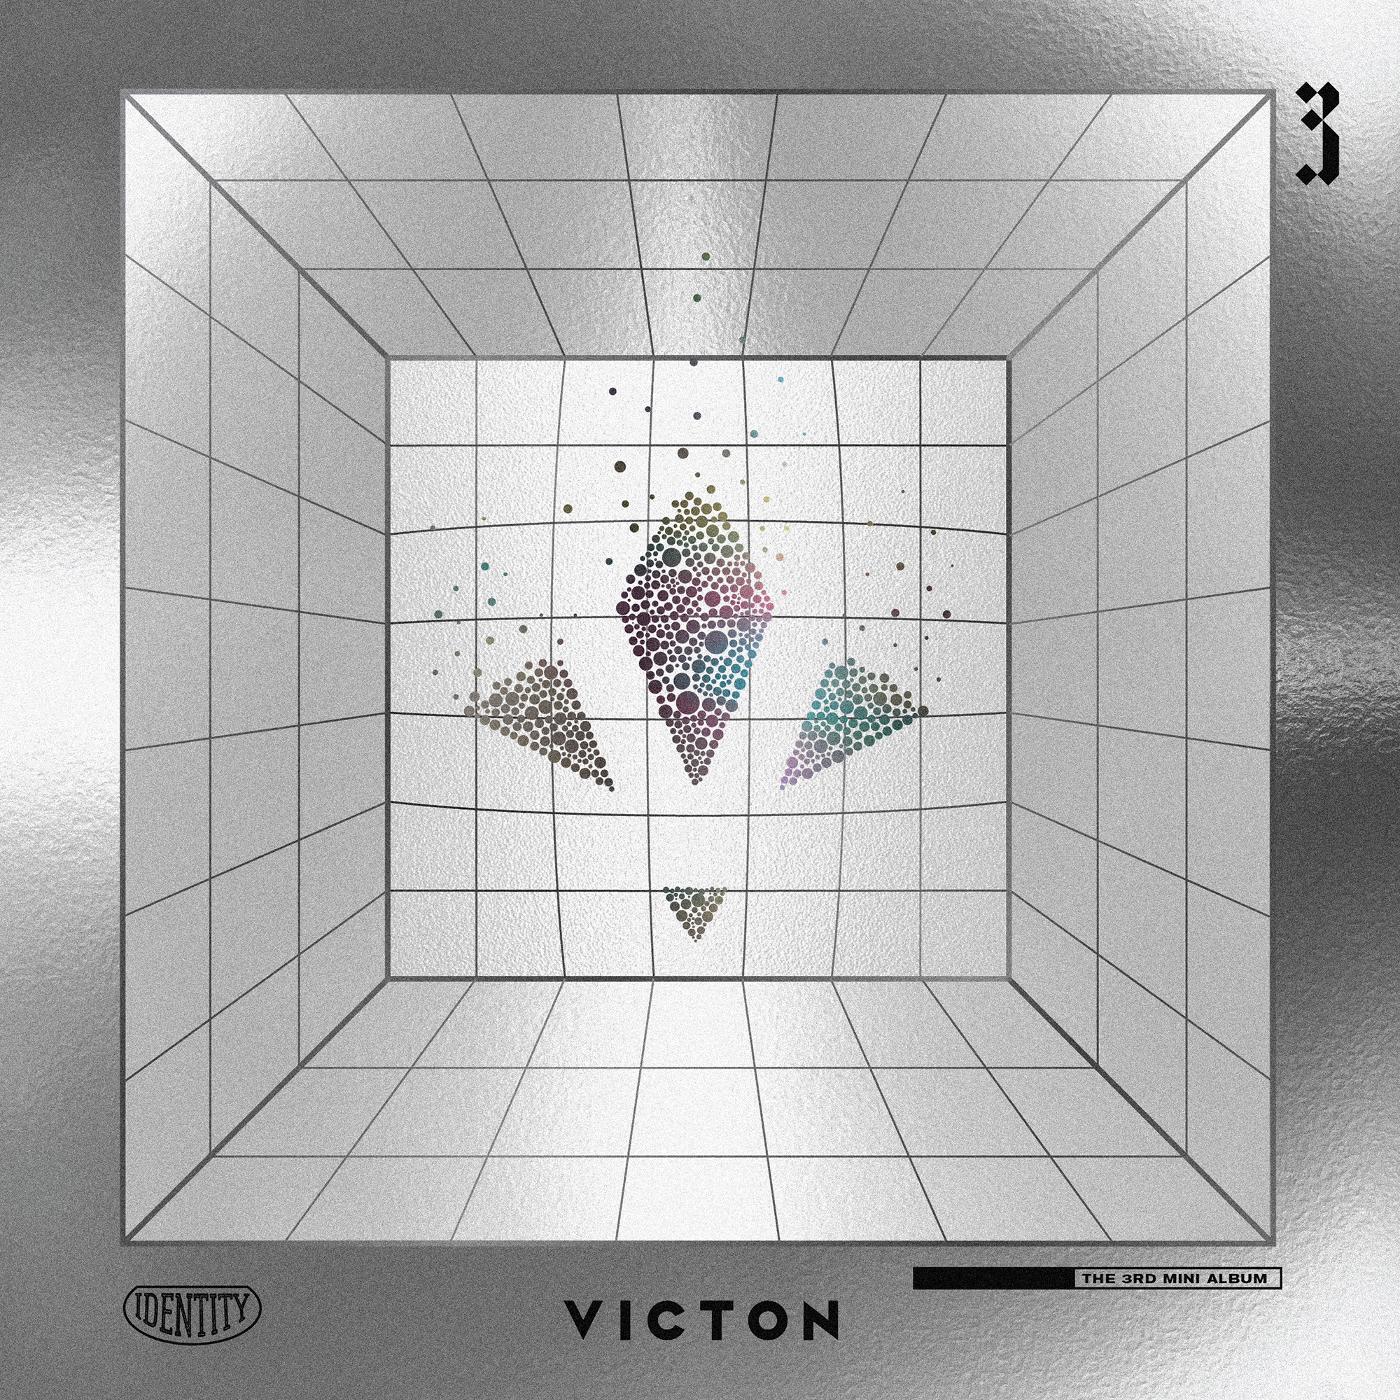 Identity (VICTON)